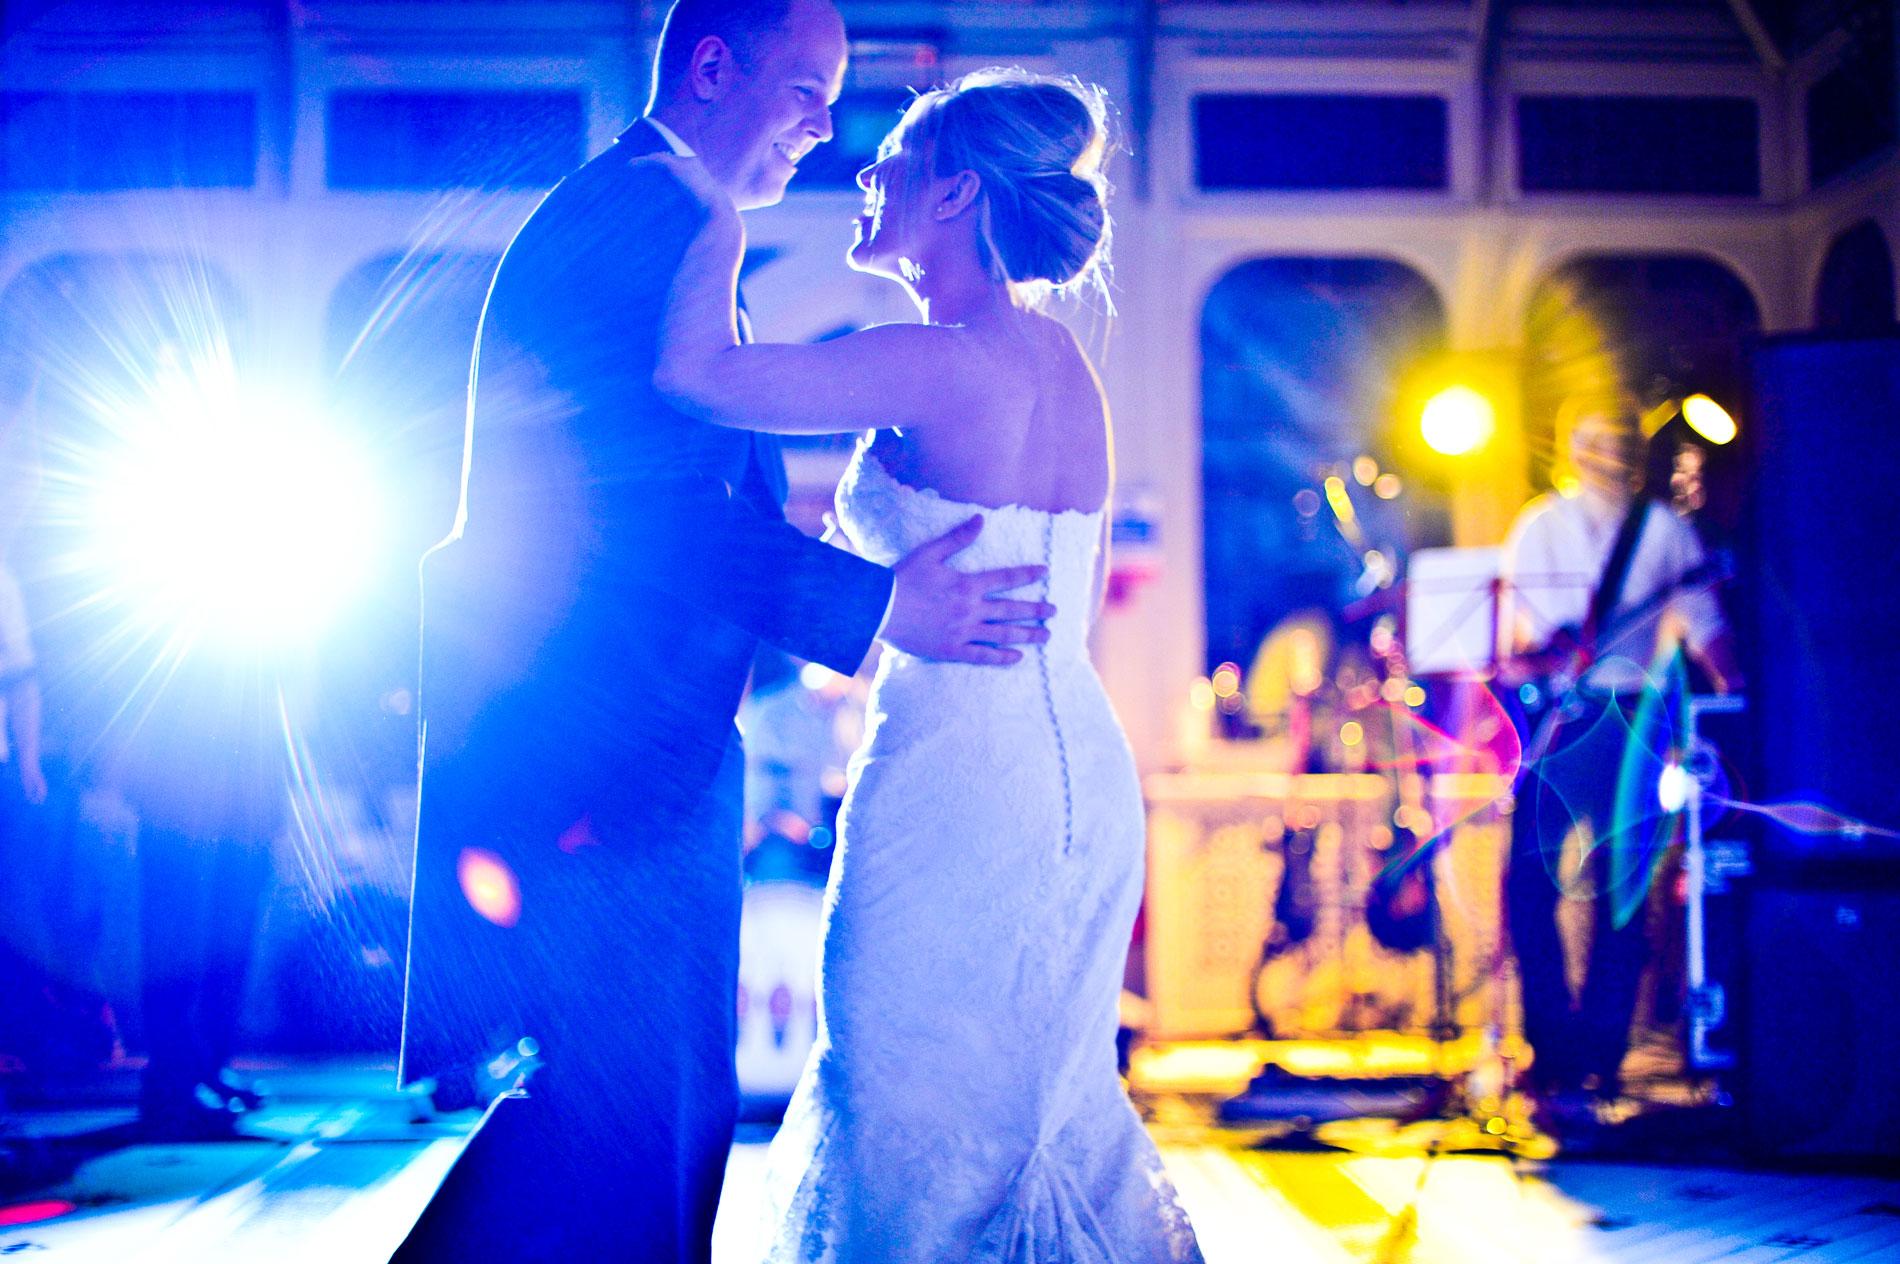 Kilworth-weddings-_77.jpg